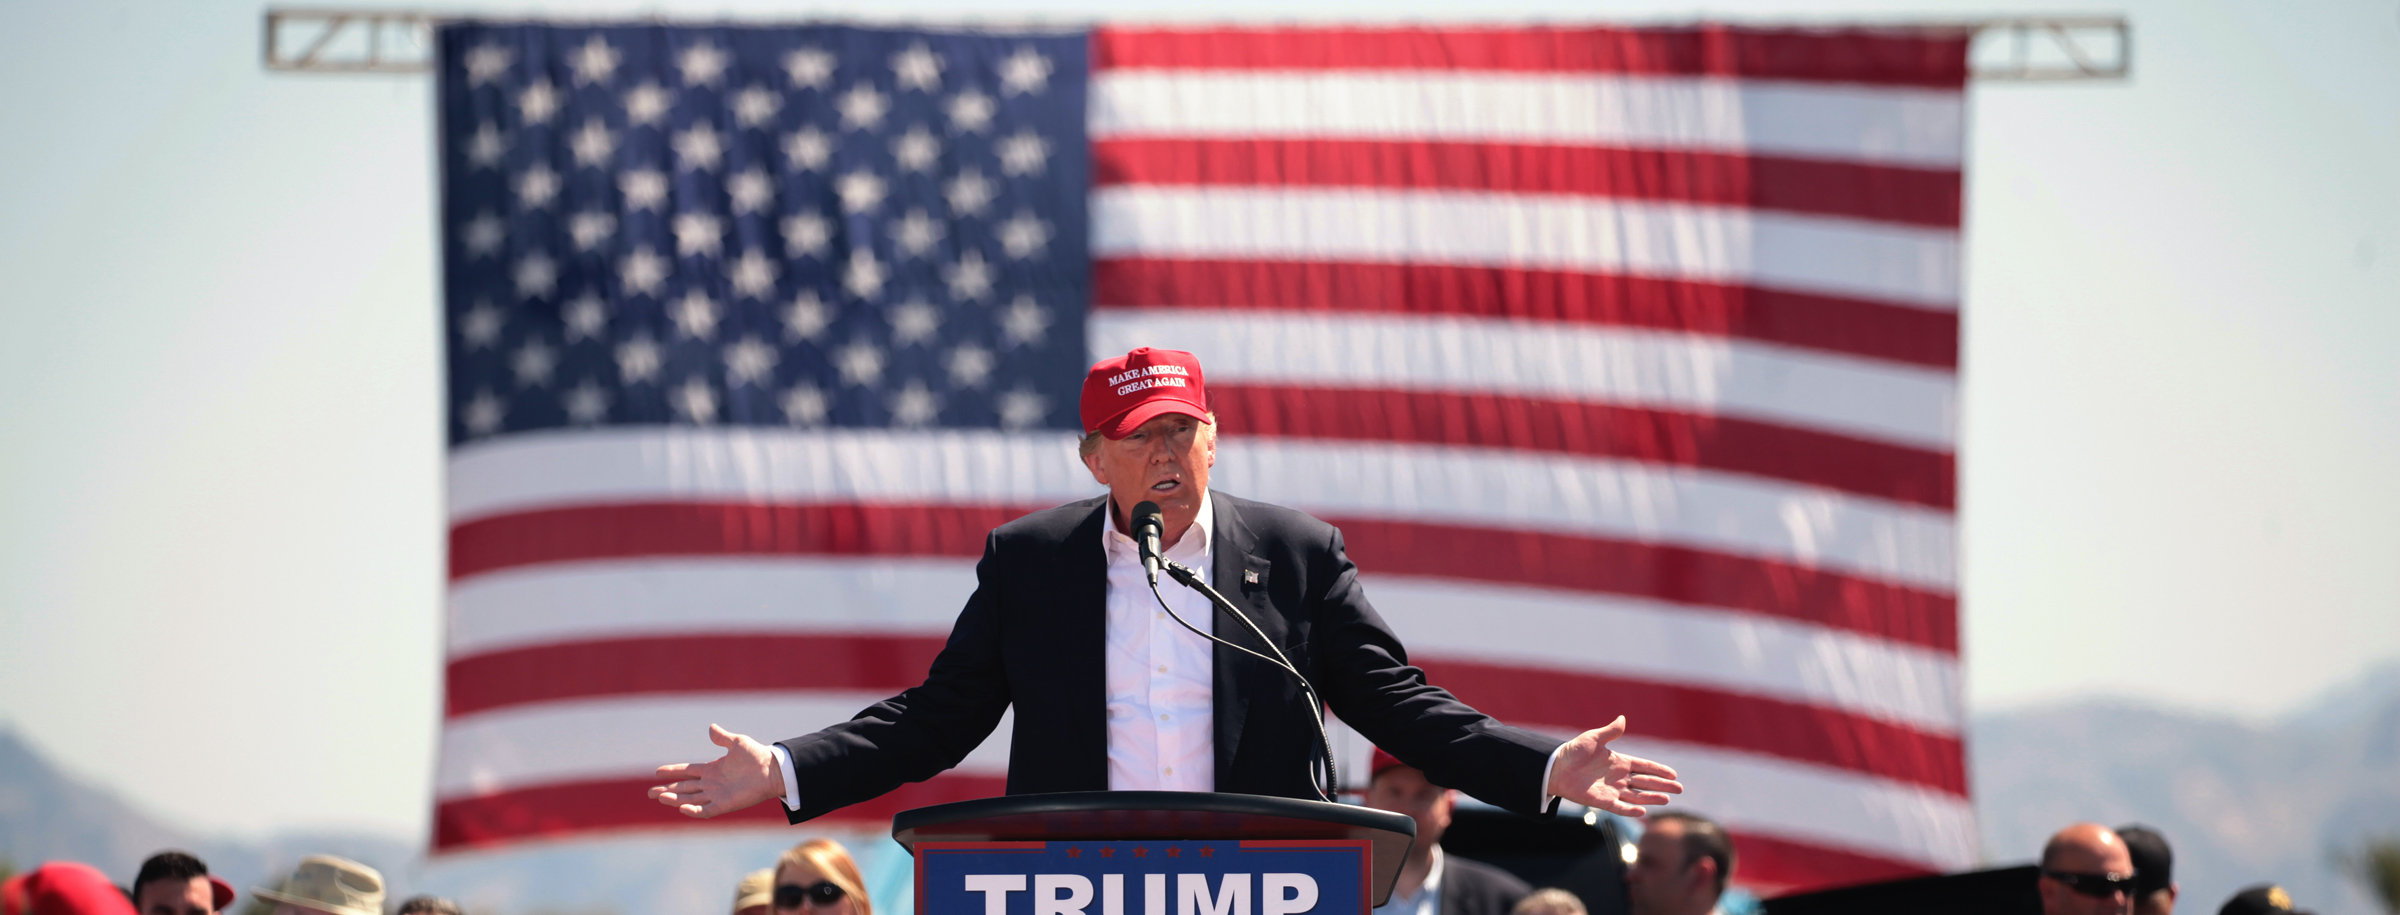 Der grenzenlose Krieg – US-Kongress will Trump mit exzessiven Befugnissen ausstatten <br>  <span id='sec-title'>Die Legalisierung von Staatsterror</span>